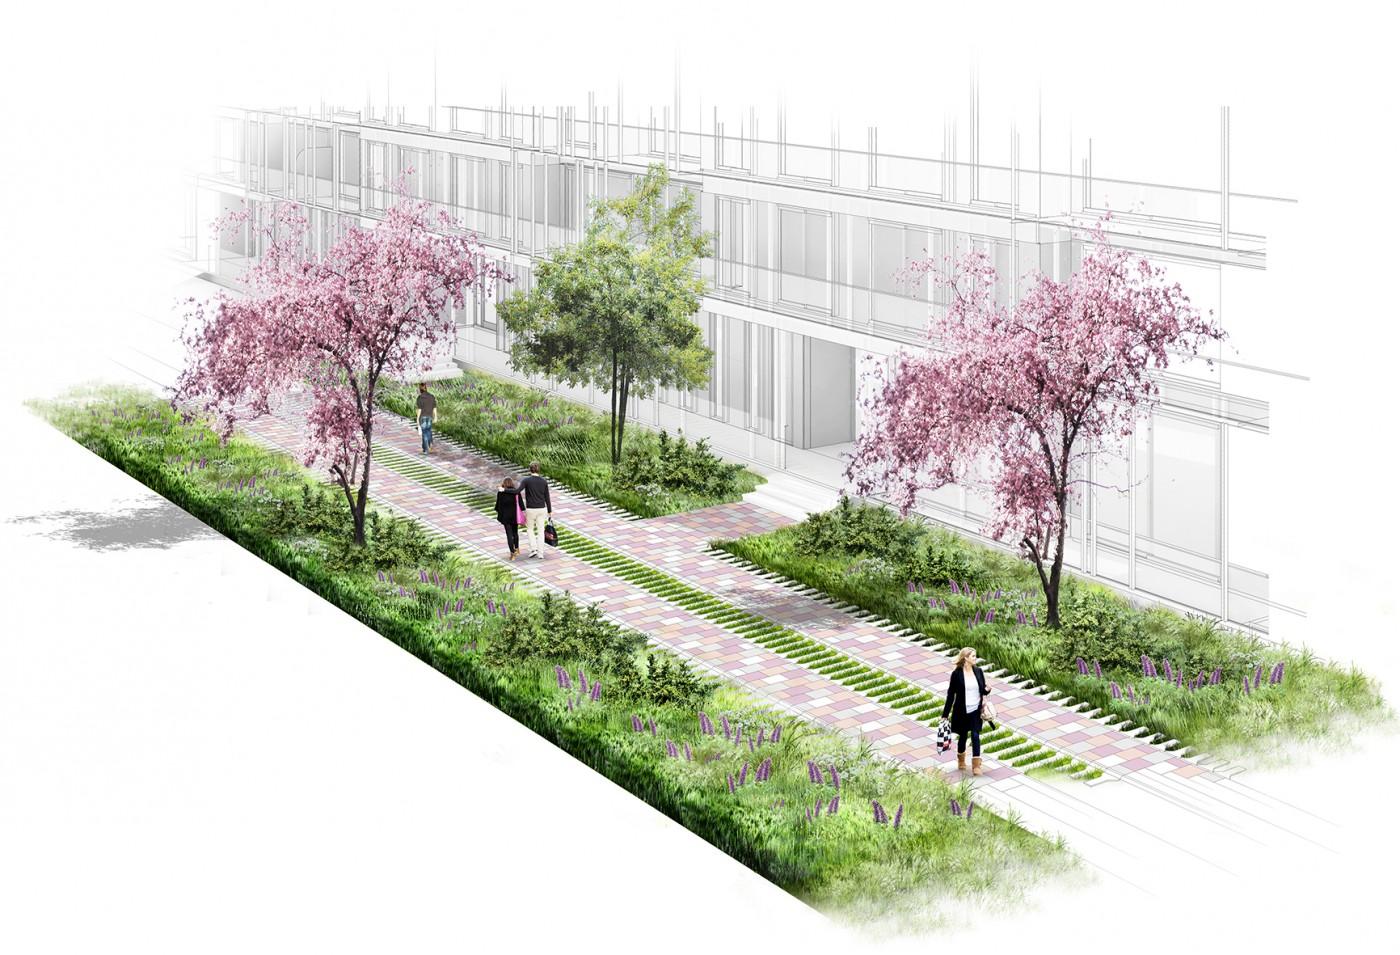 buro-sant-en-co-landschapsarchitectuur-overhoeks-amsterdam-woonomgeving-ontwerp-buitenruimte